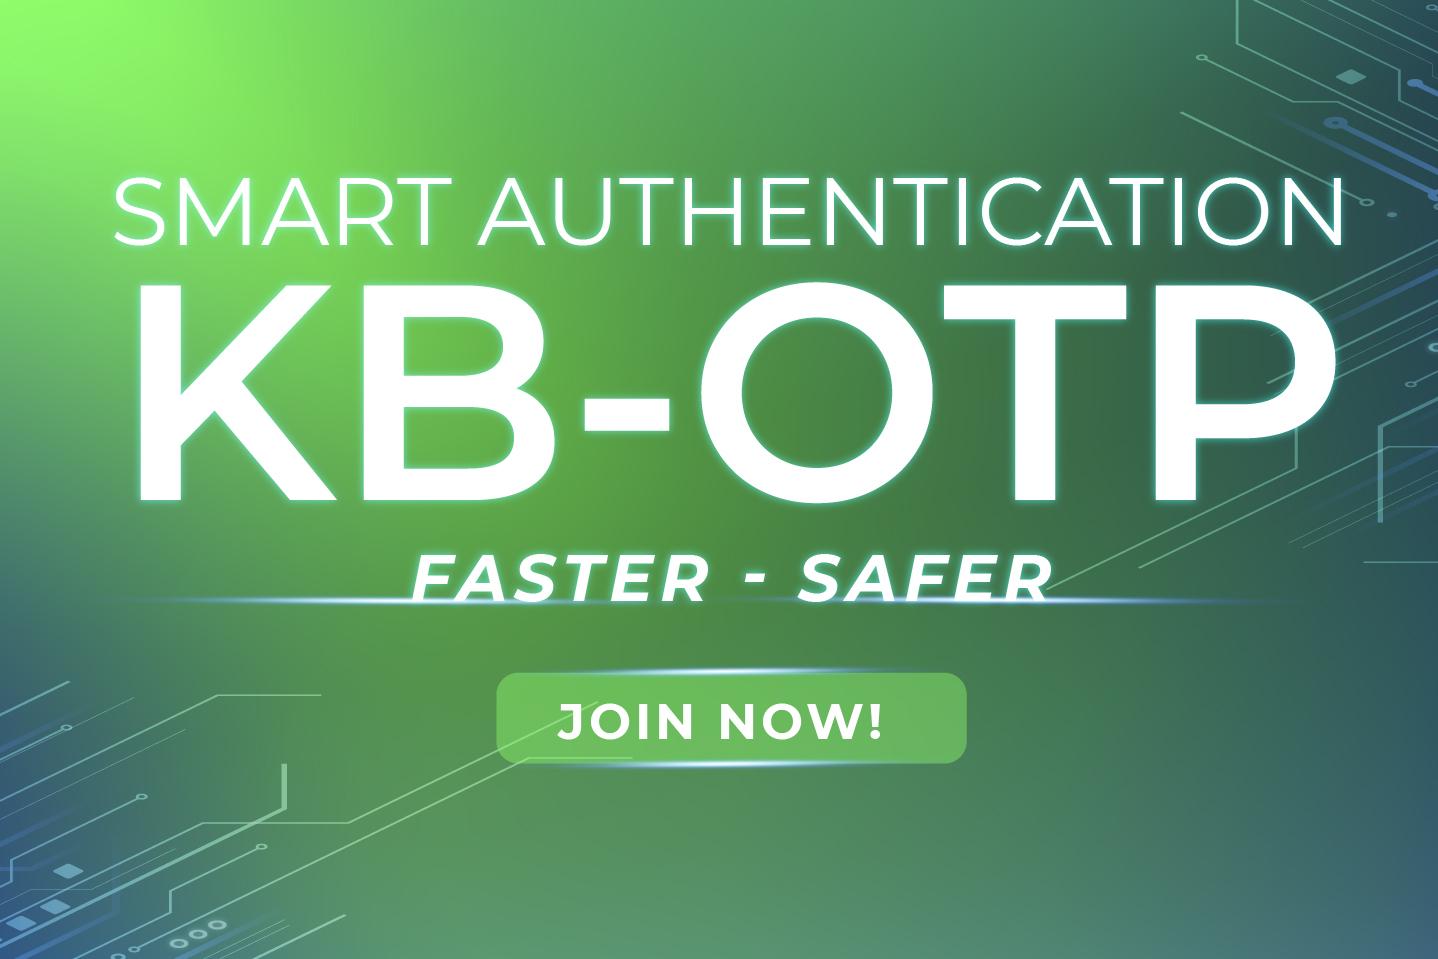 KB-OTP Smart Authentication